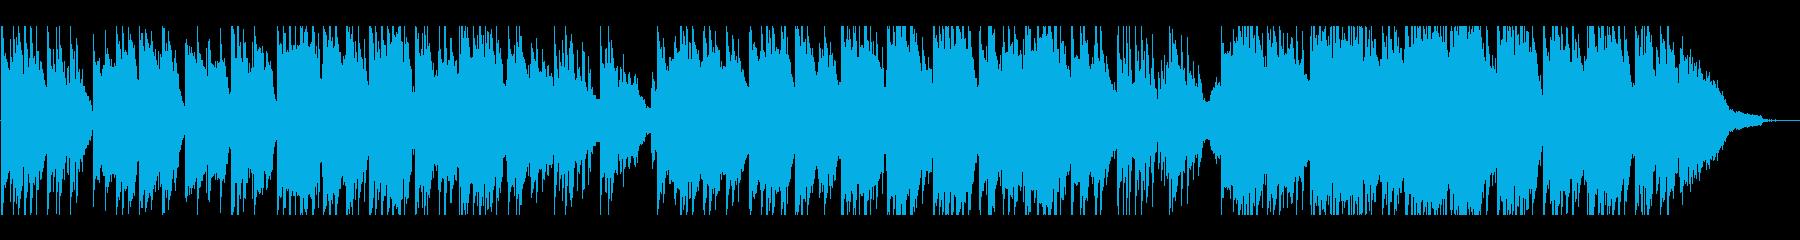 伝統的な美しいクリスマスキャロルの再生済みの波形